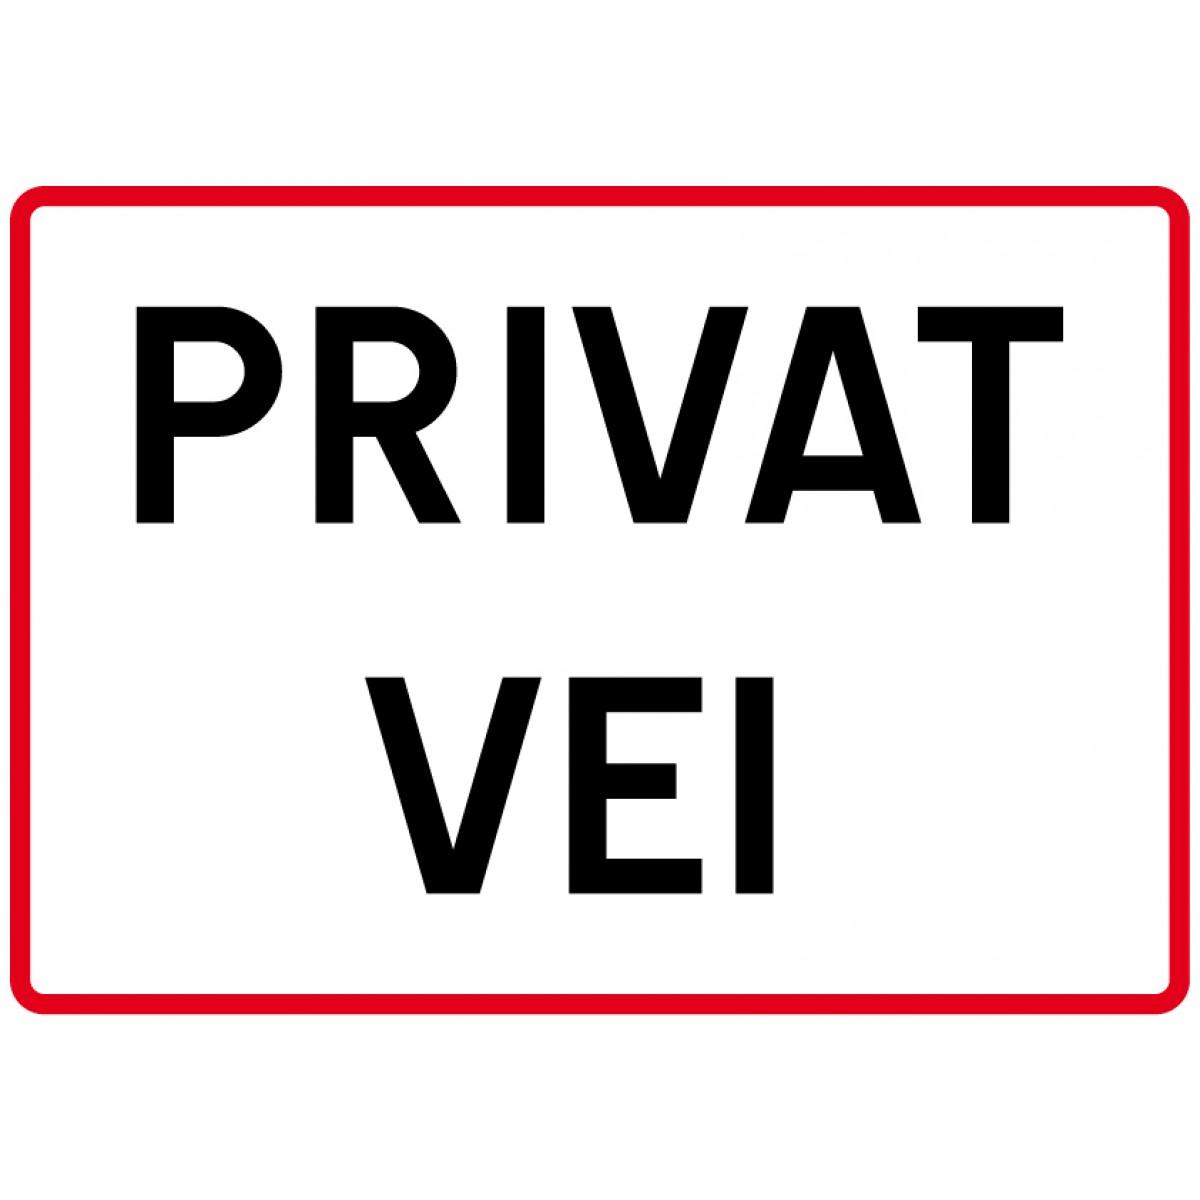 Bygge privat vei